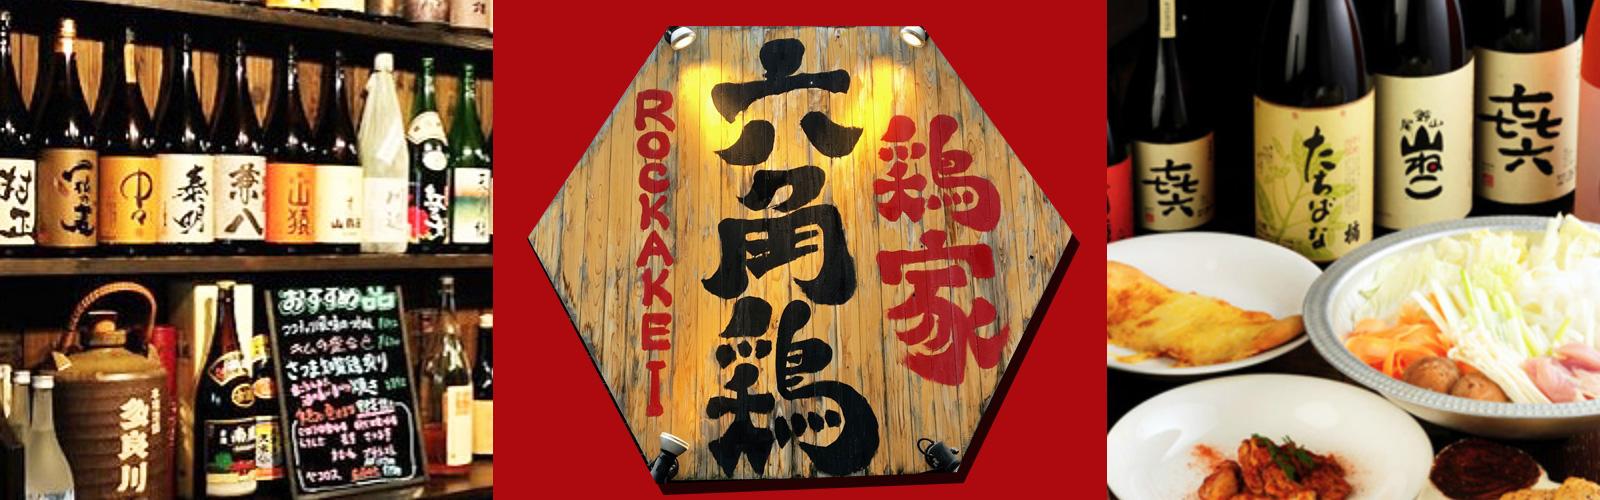 鶏家 六角鶏 なんば2号店(大阪・なんば)